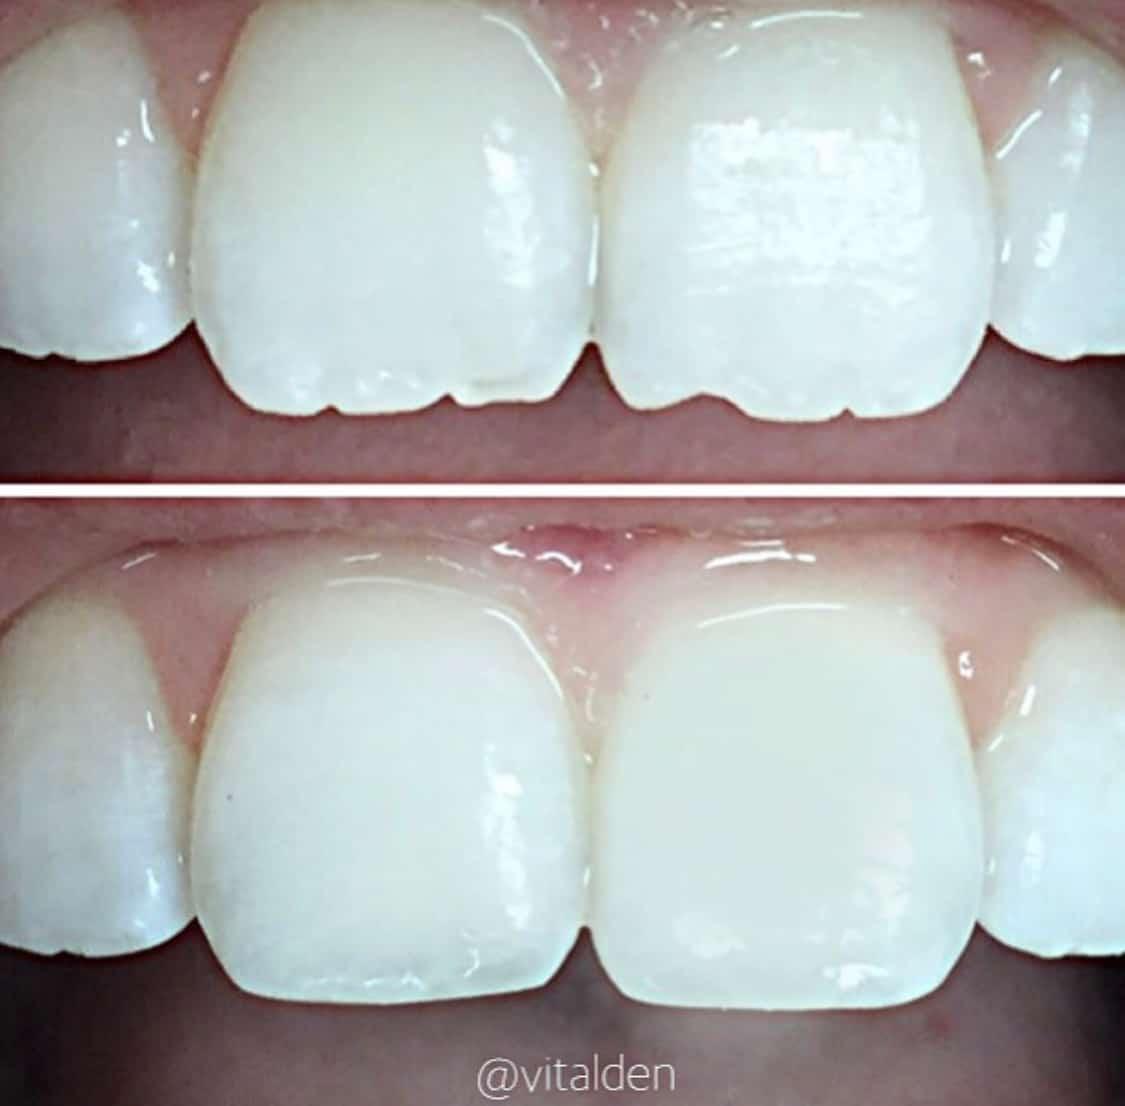 dental mejora la anatomia